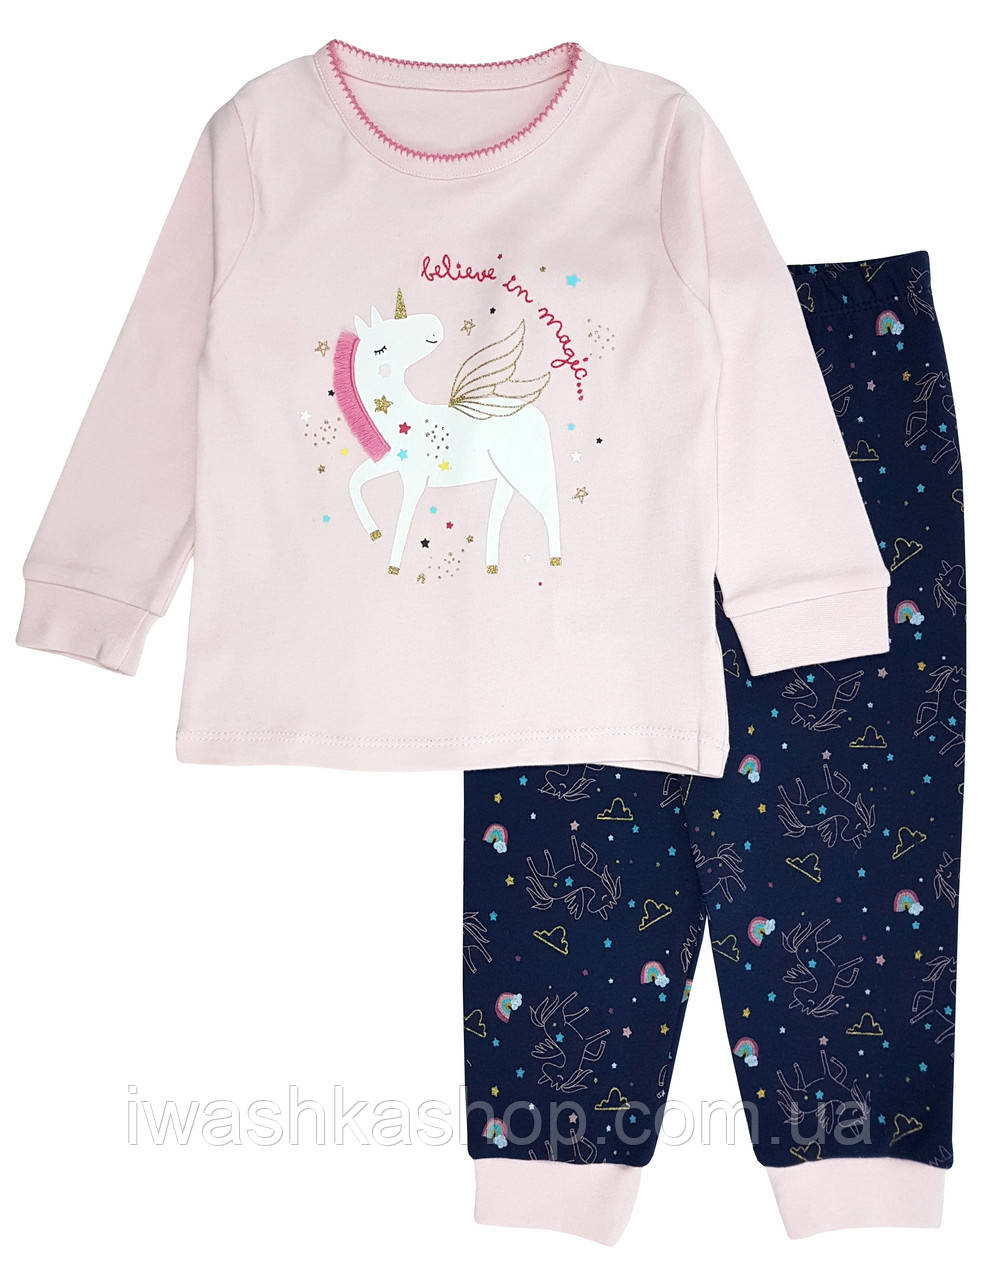 Трикотажная хлопковая пижама с единорогом на девочек 1 - 1,5 лет, р. 86, Primark